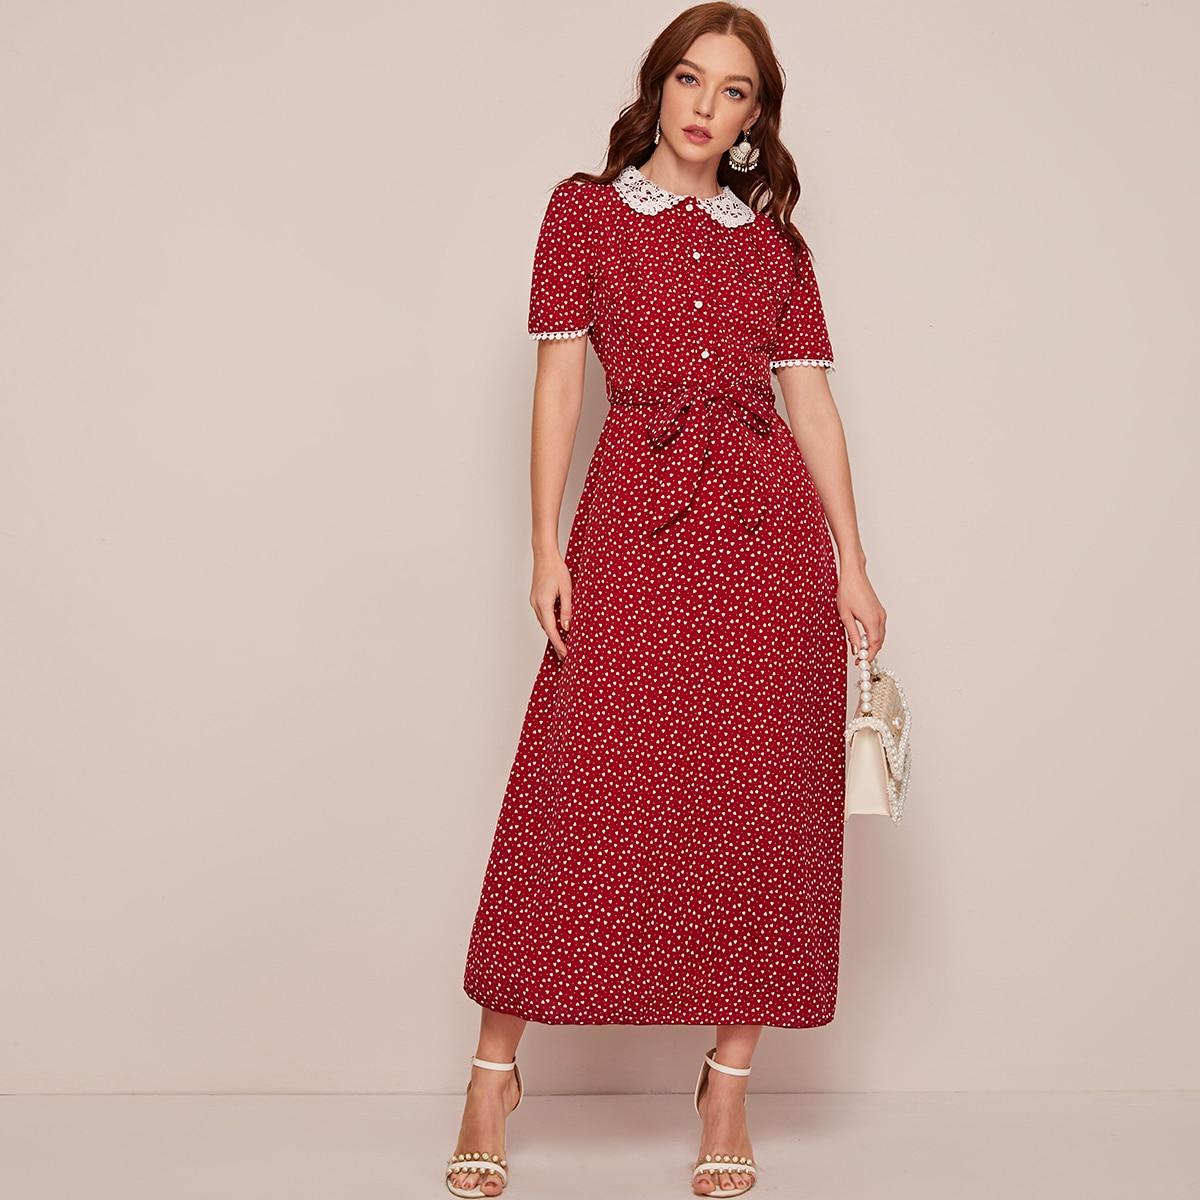 Платье с поясом и воротнико питером пэном